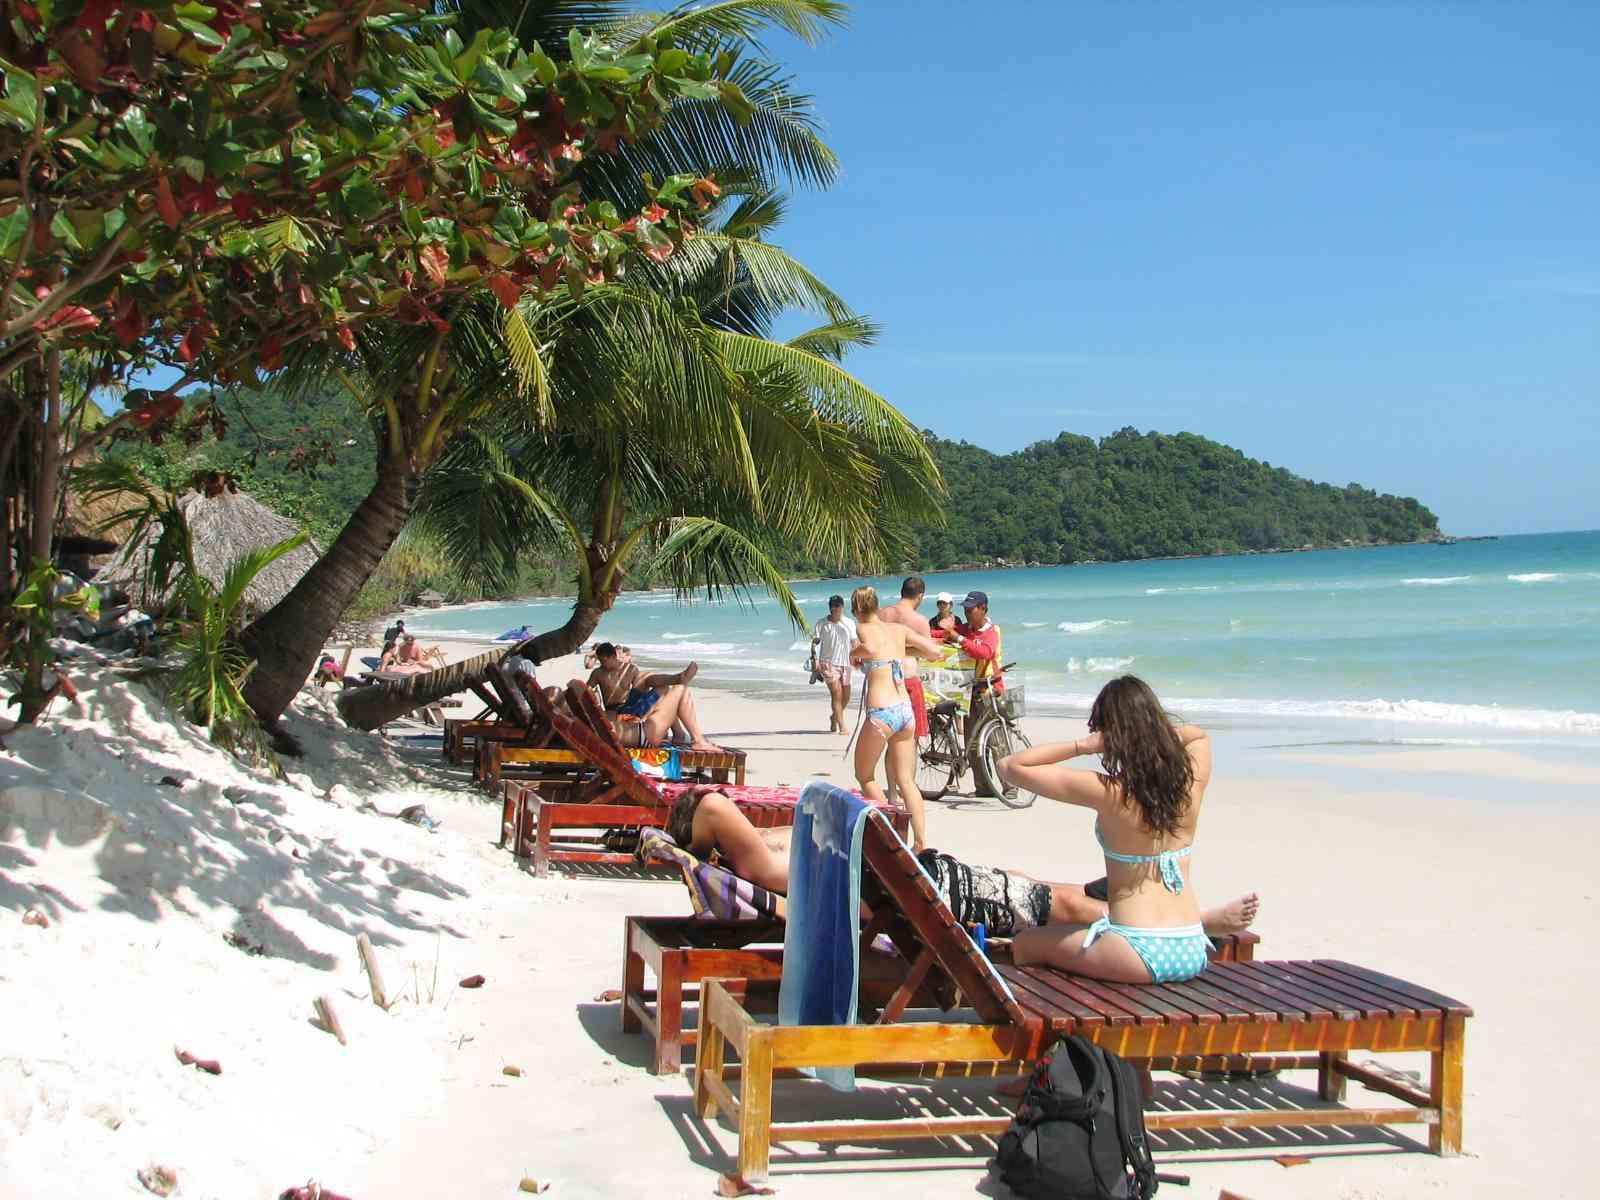 Thời điểm thích hợp nhất để du lịch đảo Phú Quốc là từ tháng 9 đến tháng 3 âm lịch hàng năm